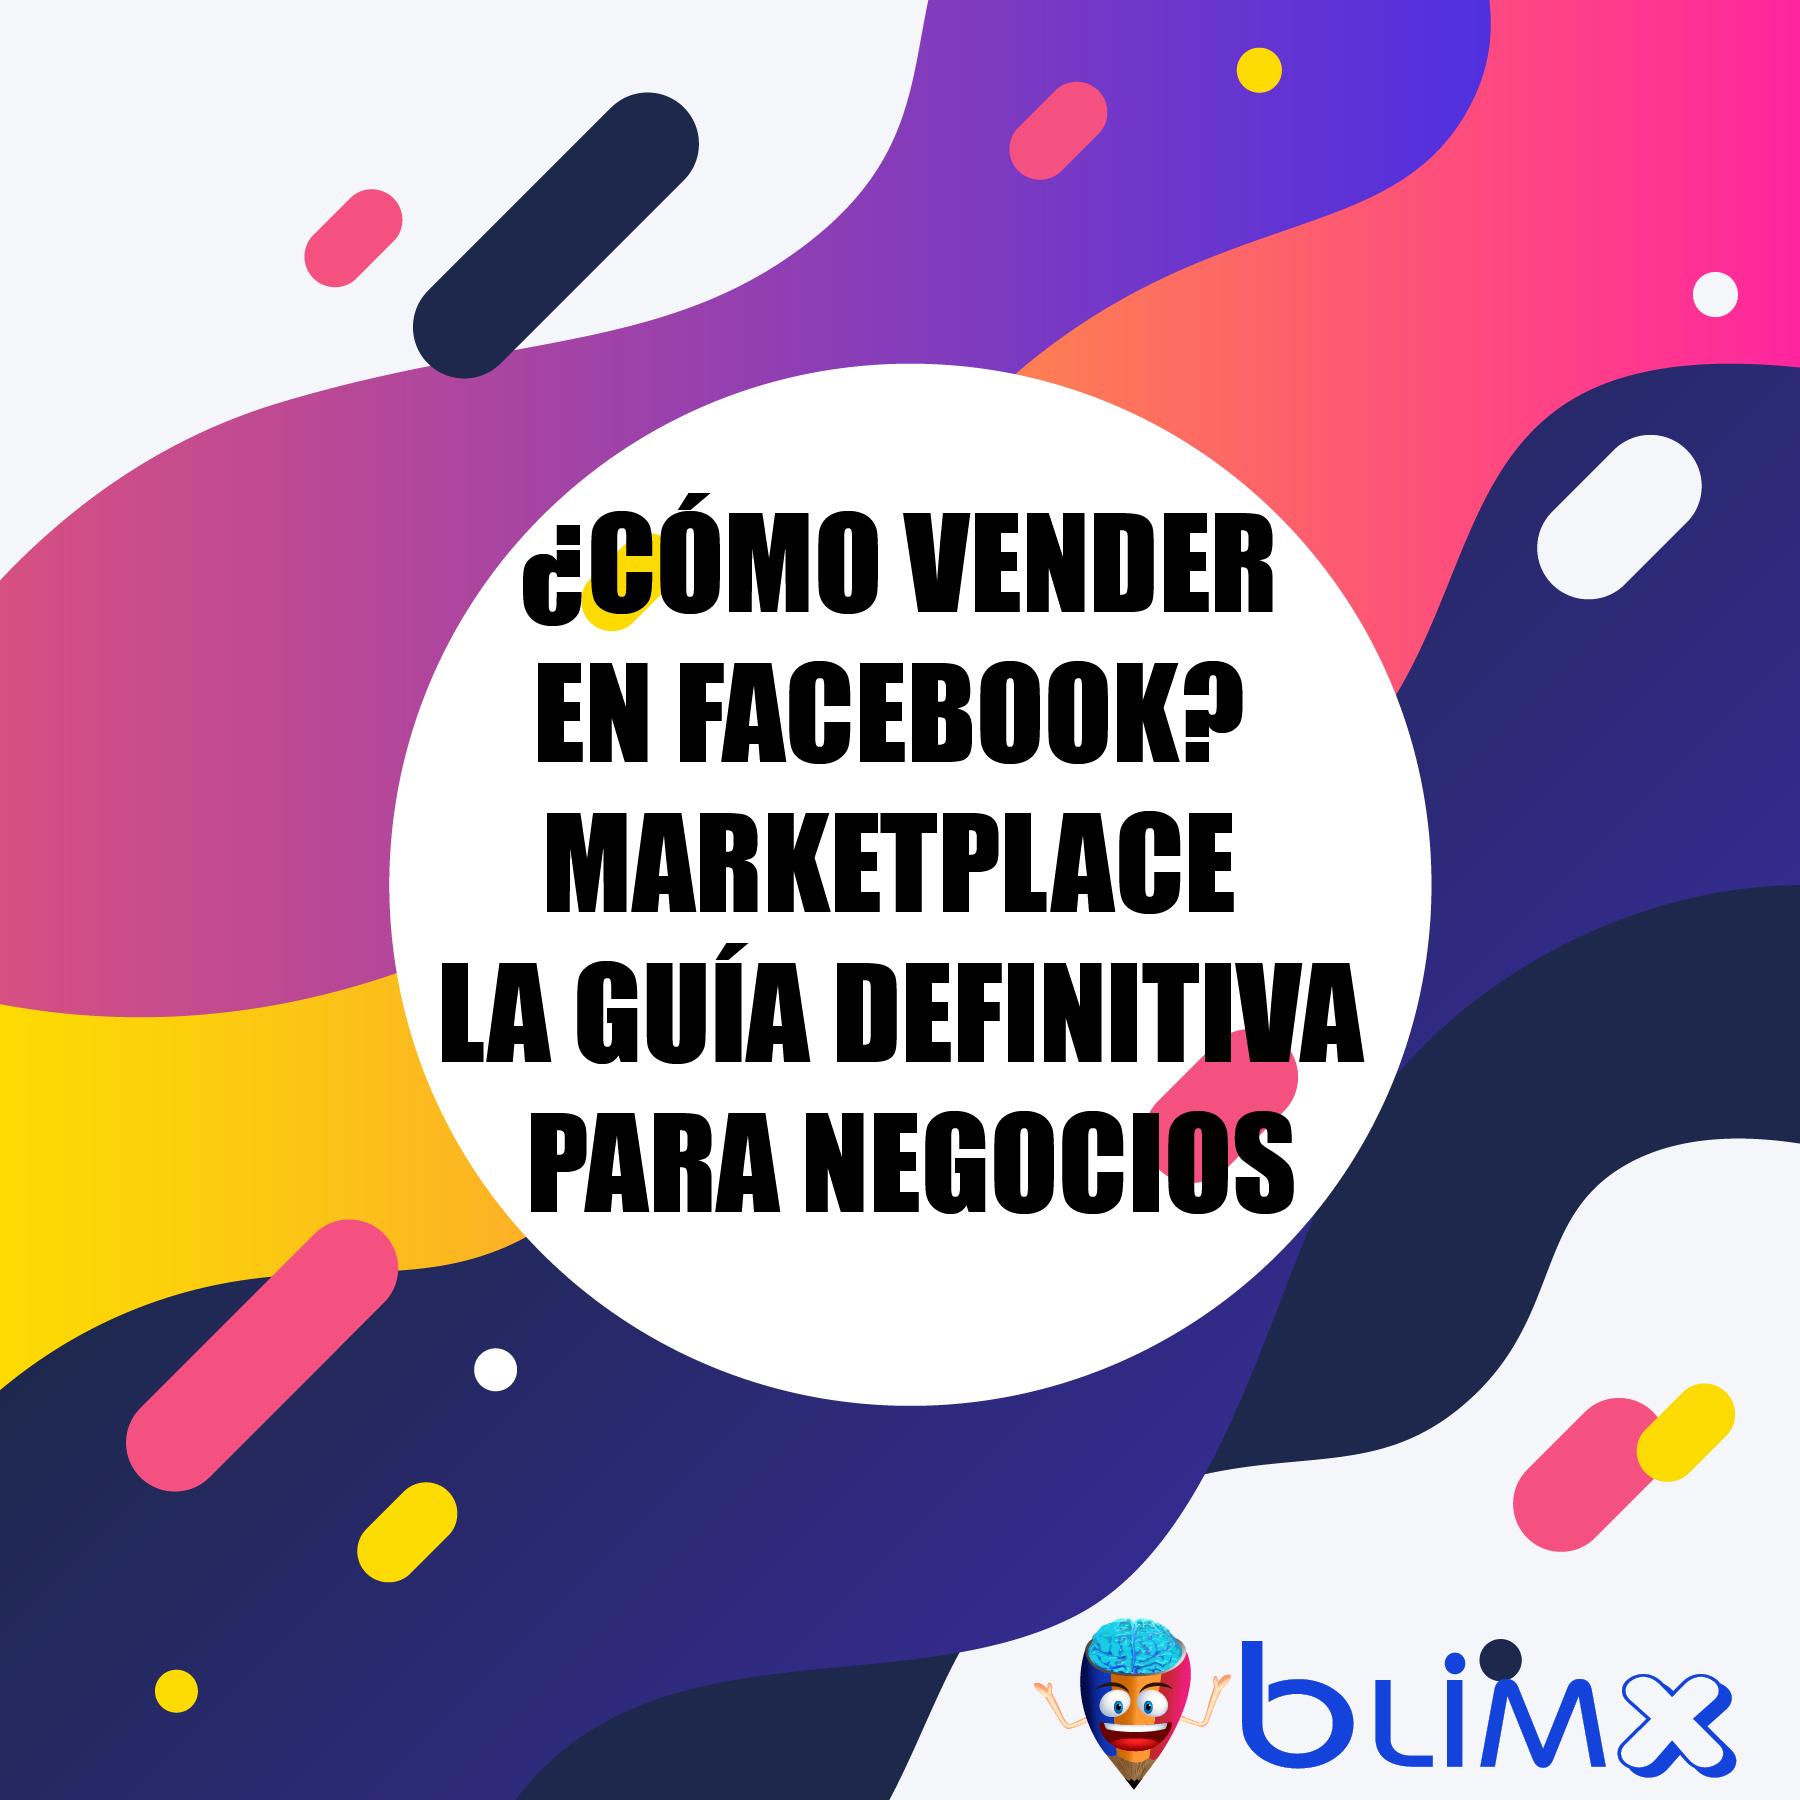 ¿Cómo vender en Facebook? Marketplace la guía definitiva para negocios